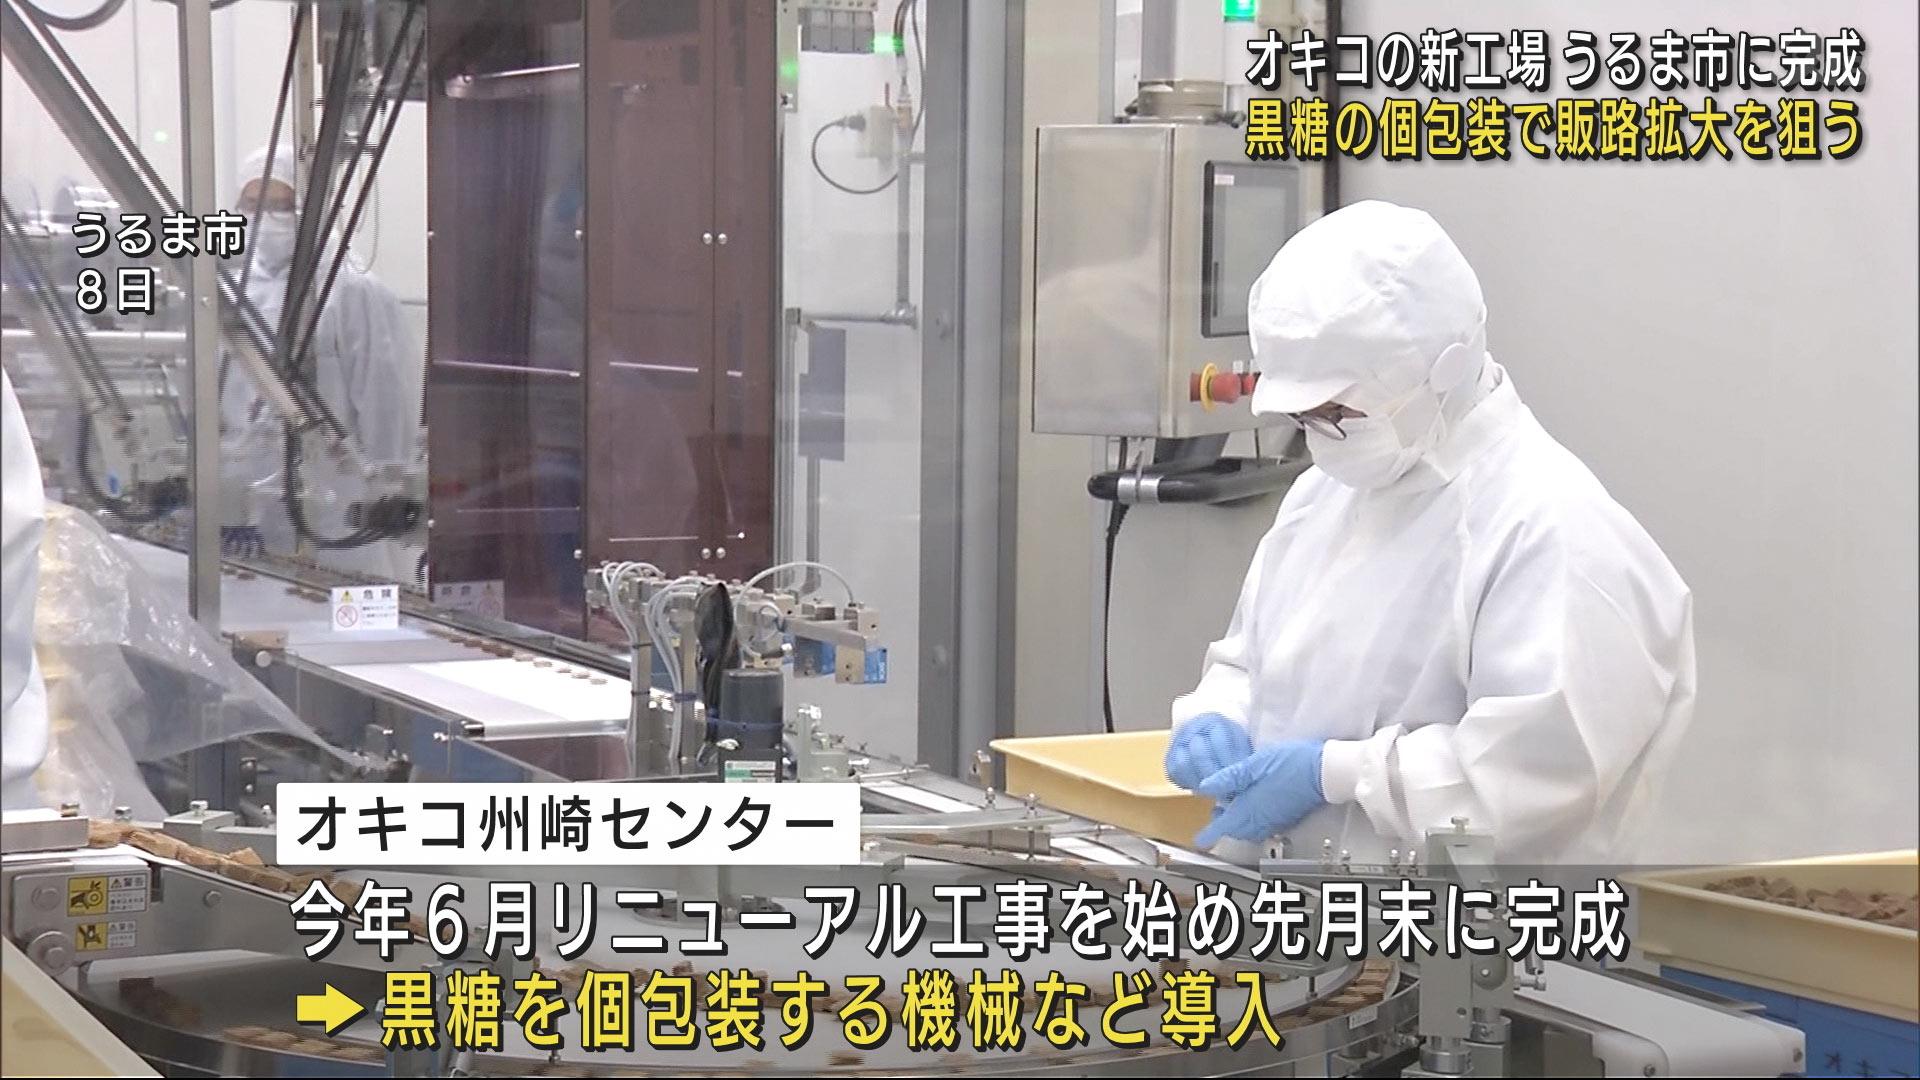 オキコの新工場が完成 黒糖の個包装で販路拡大へ